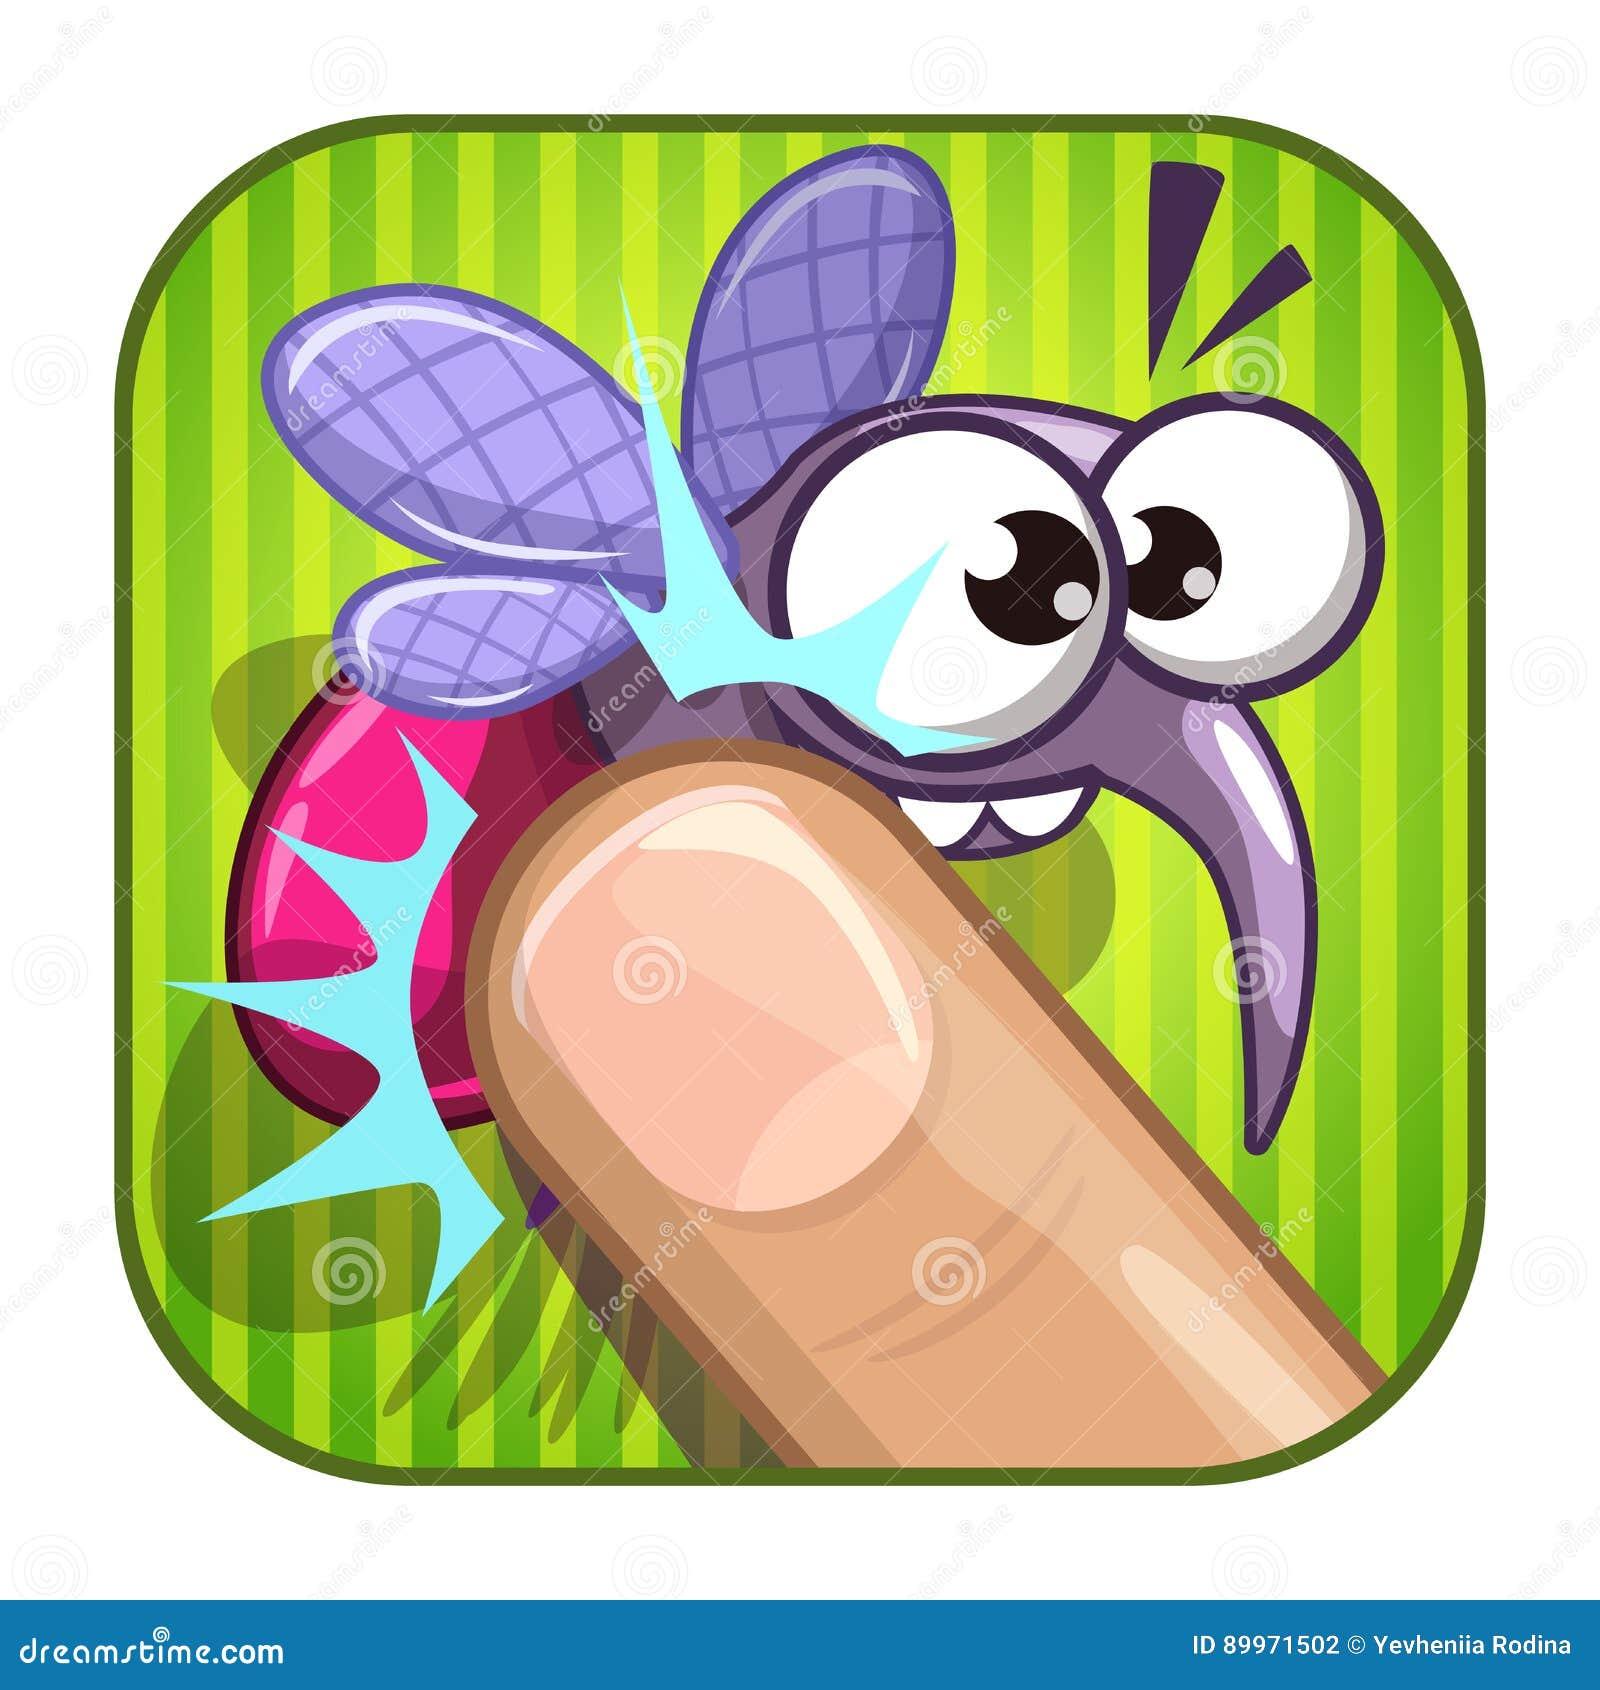 Grappig grappig app pictogram met geplette mug